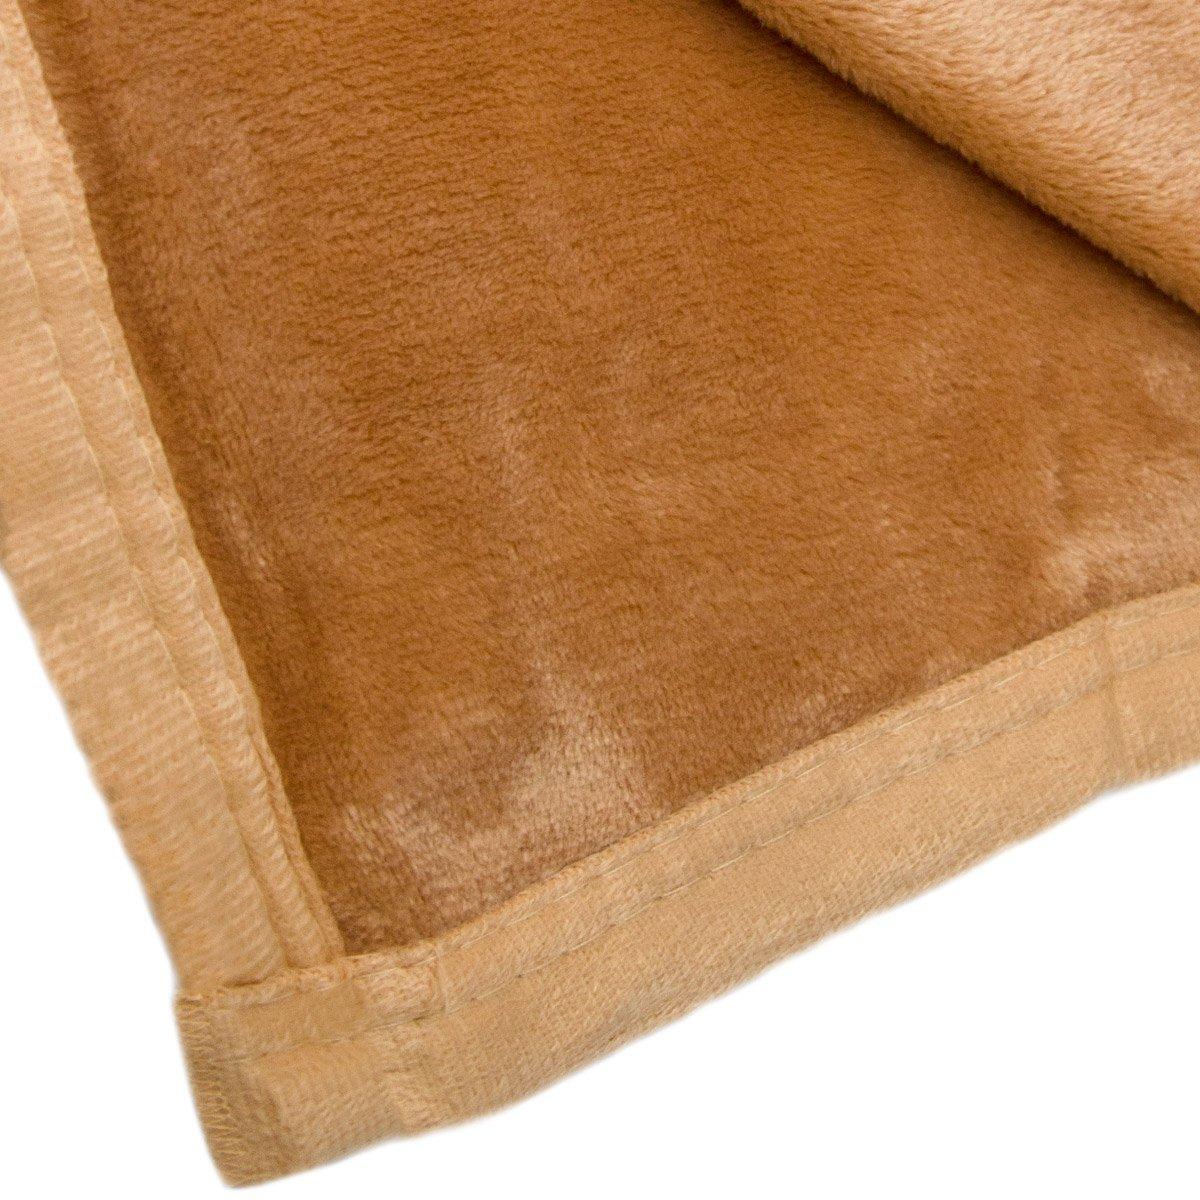 Kuscheldecke Microfaser Decke Wohndecke Tagesdecke 140x200 cm Fleecedecke Braun